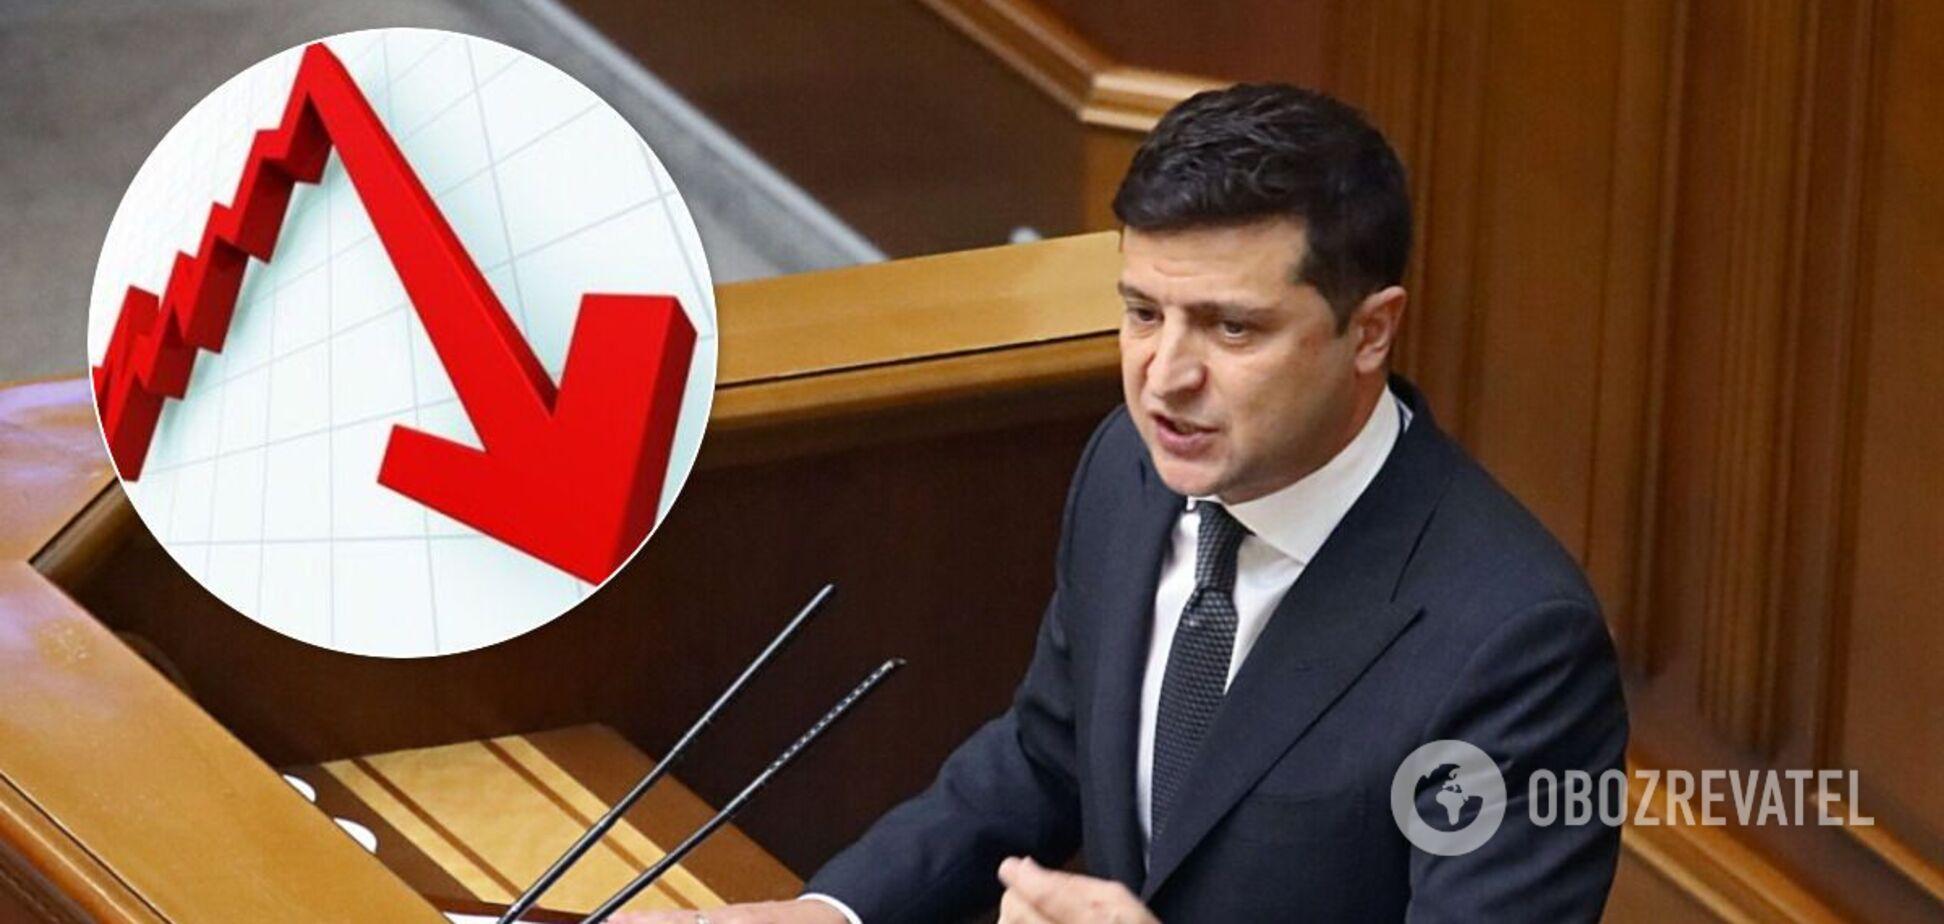 Нардепы прокомментировали данные опроса относительно рейтинга президента и его партии